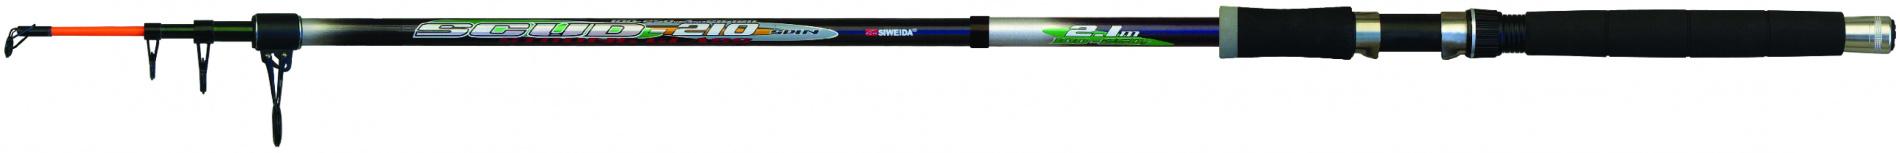 Спиннинг тел. SWD Scud 2,7м (100-250г) (скл. кольцо,чехол)Спинниги<br>Мощный телескопический спиннинг 2,7м тест <br>100-250г изготовленный из стеклопластика. <br>Мощный бланк позволяет далеко забрасывать <br>тяжелые приманки и кормушки. Может использоваться <br>как донная удочка. Наличие последнего складного <br>кольца снижает вероятность повреждения <br>спиннинга при транспортировке. Комплектуется <br>чехлом.<br>